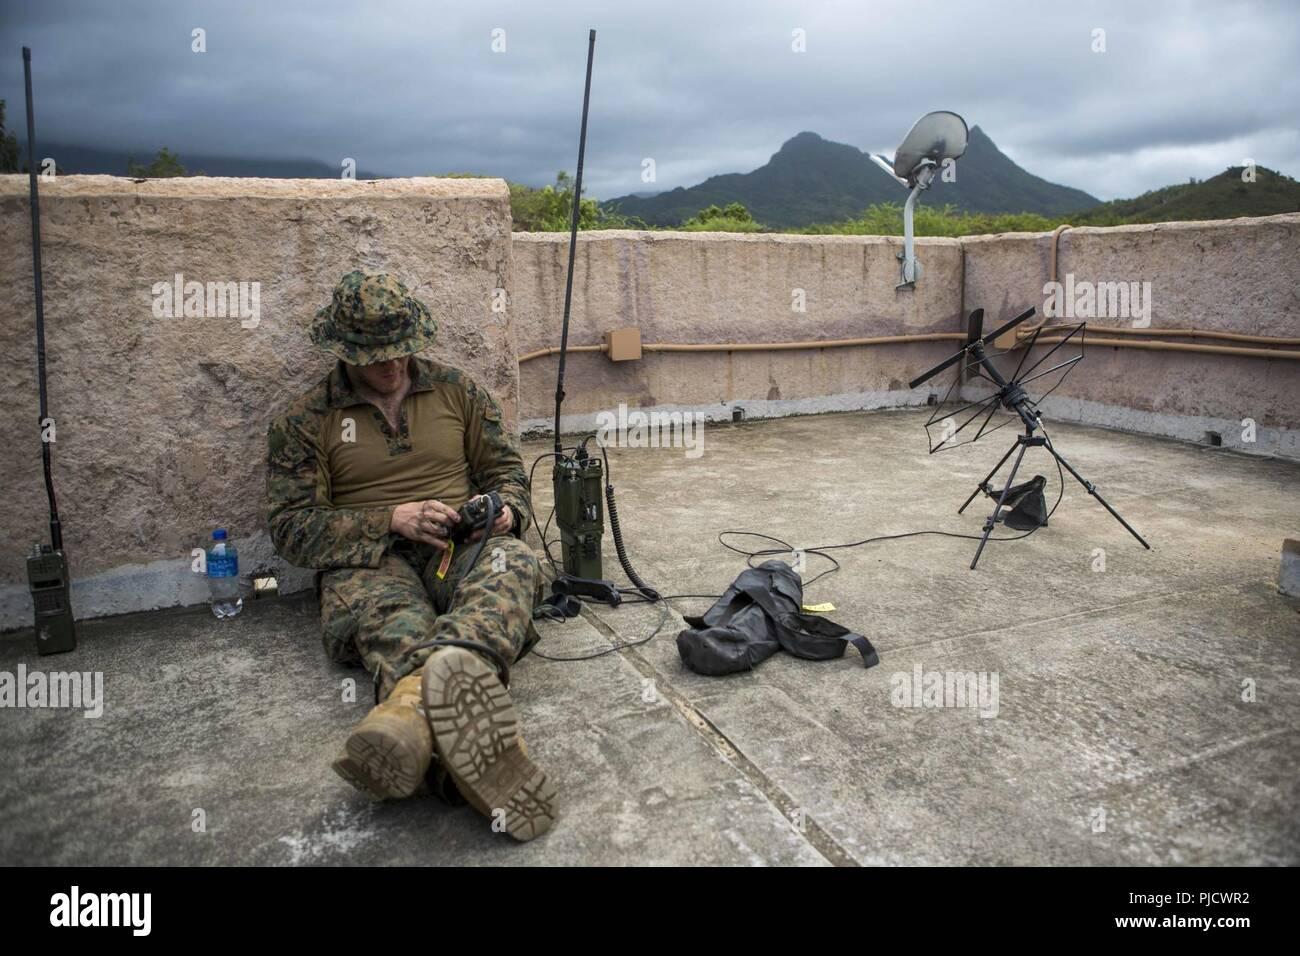 OAHU - A U S  Marine radio operator with Lima Company